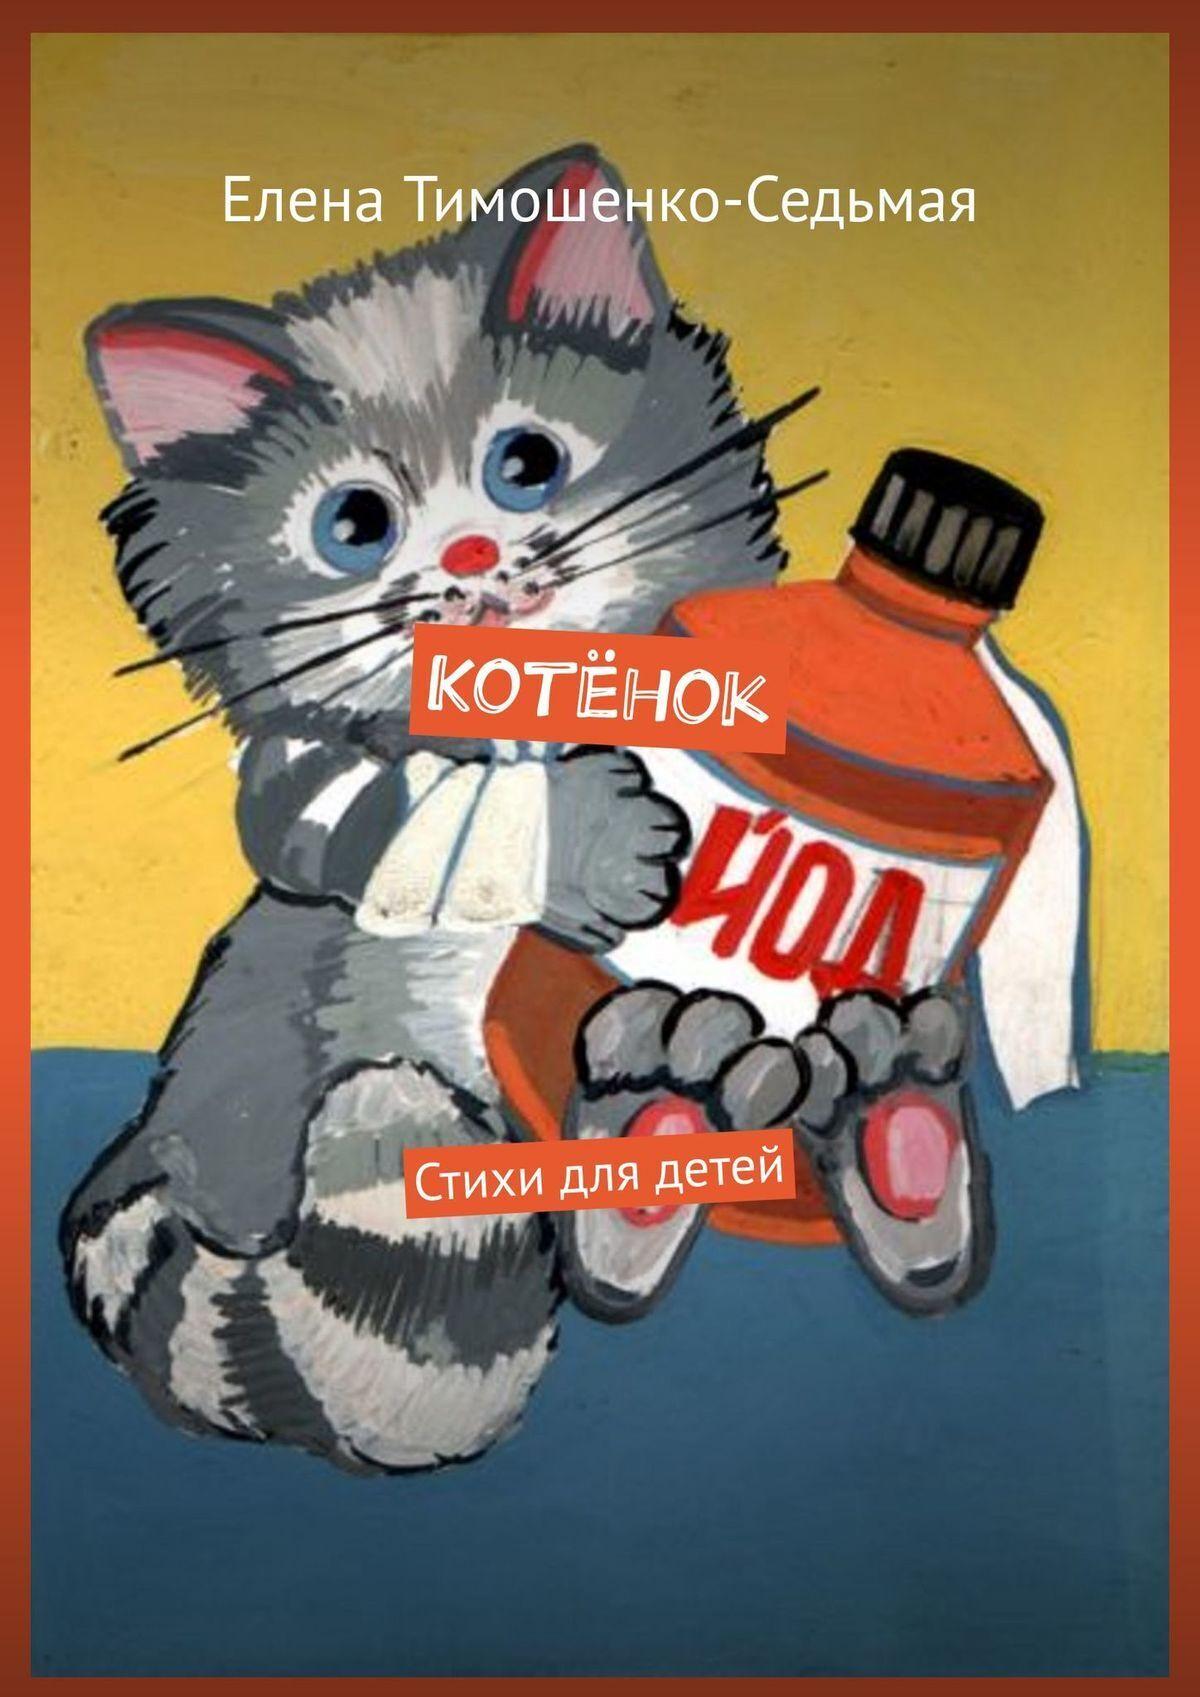 Елена Тимошенко-Седьмая Котёнок. Стихи для детей globo спот globo oberon 57881 2 kkvzhee